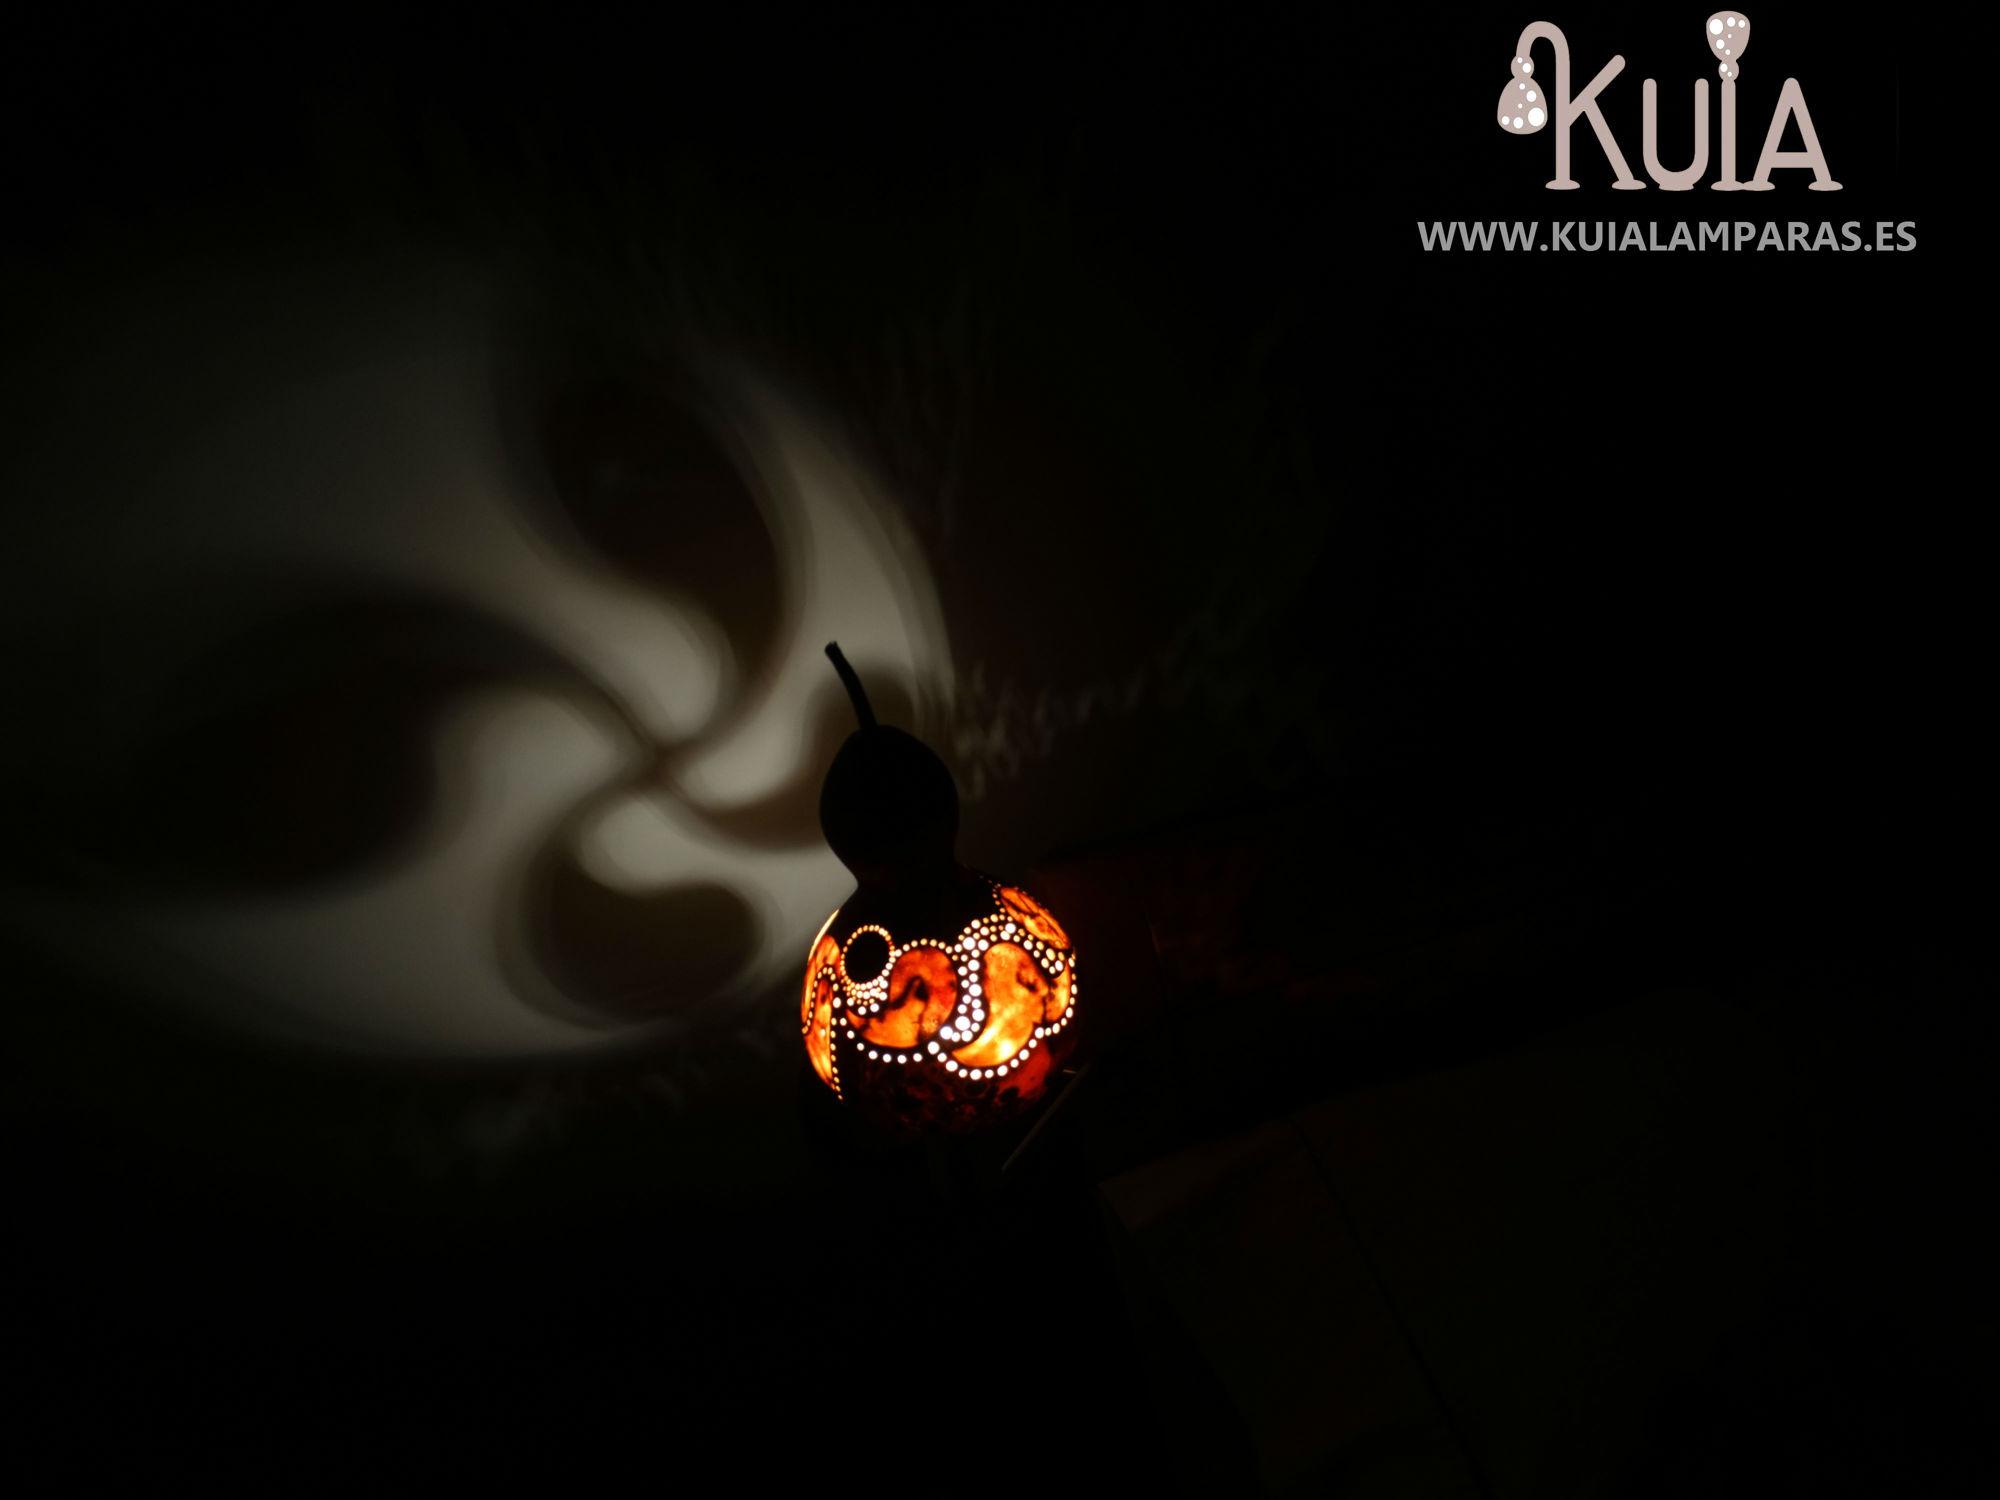 lampara de noche decorativa lauburu2